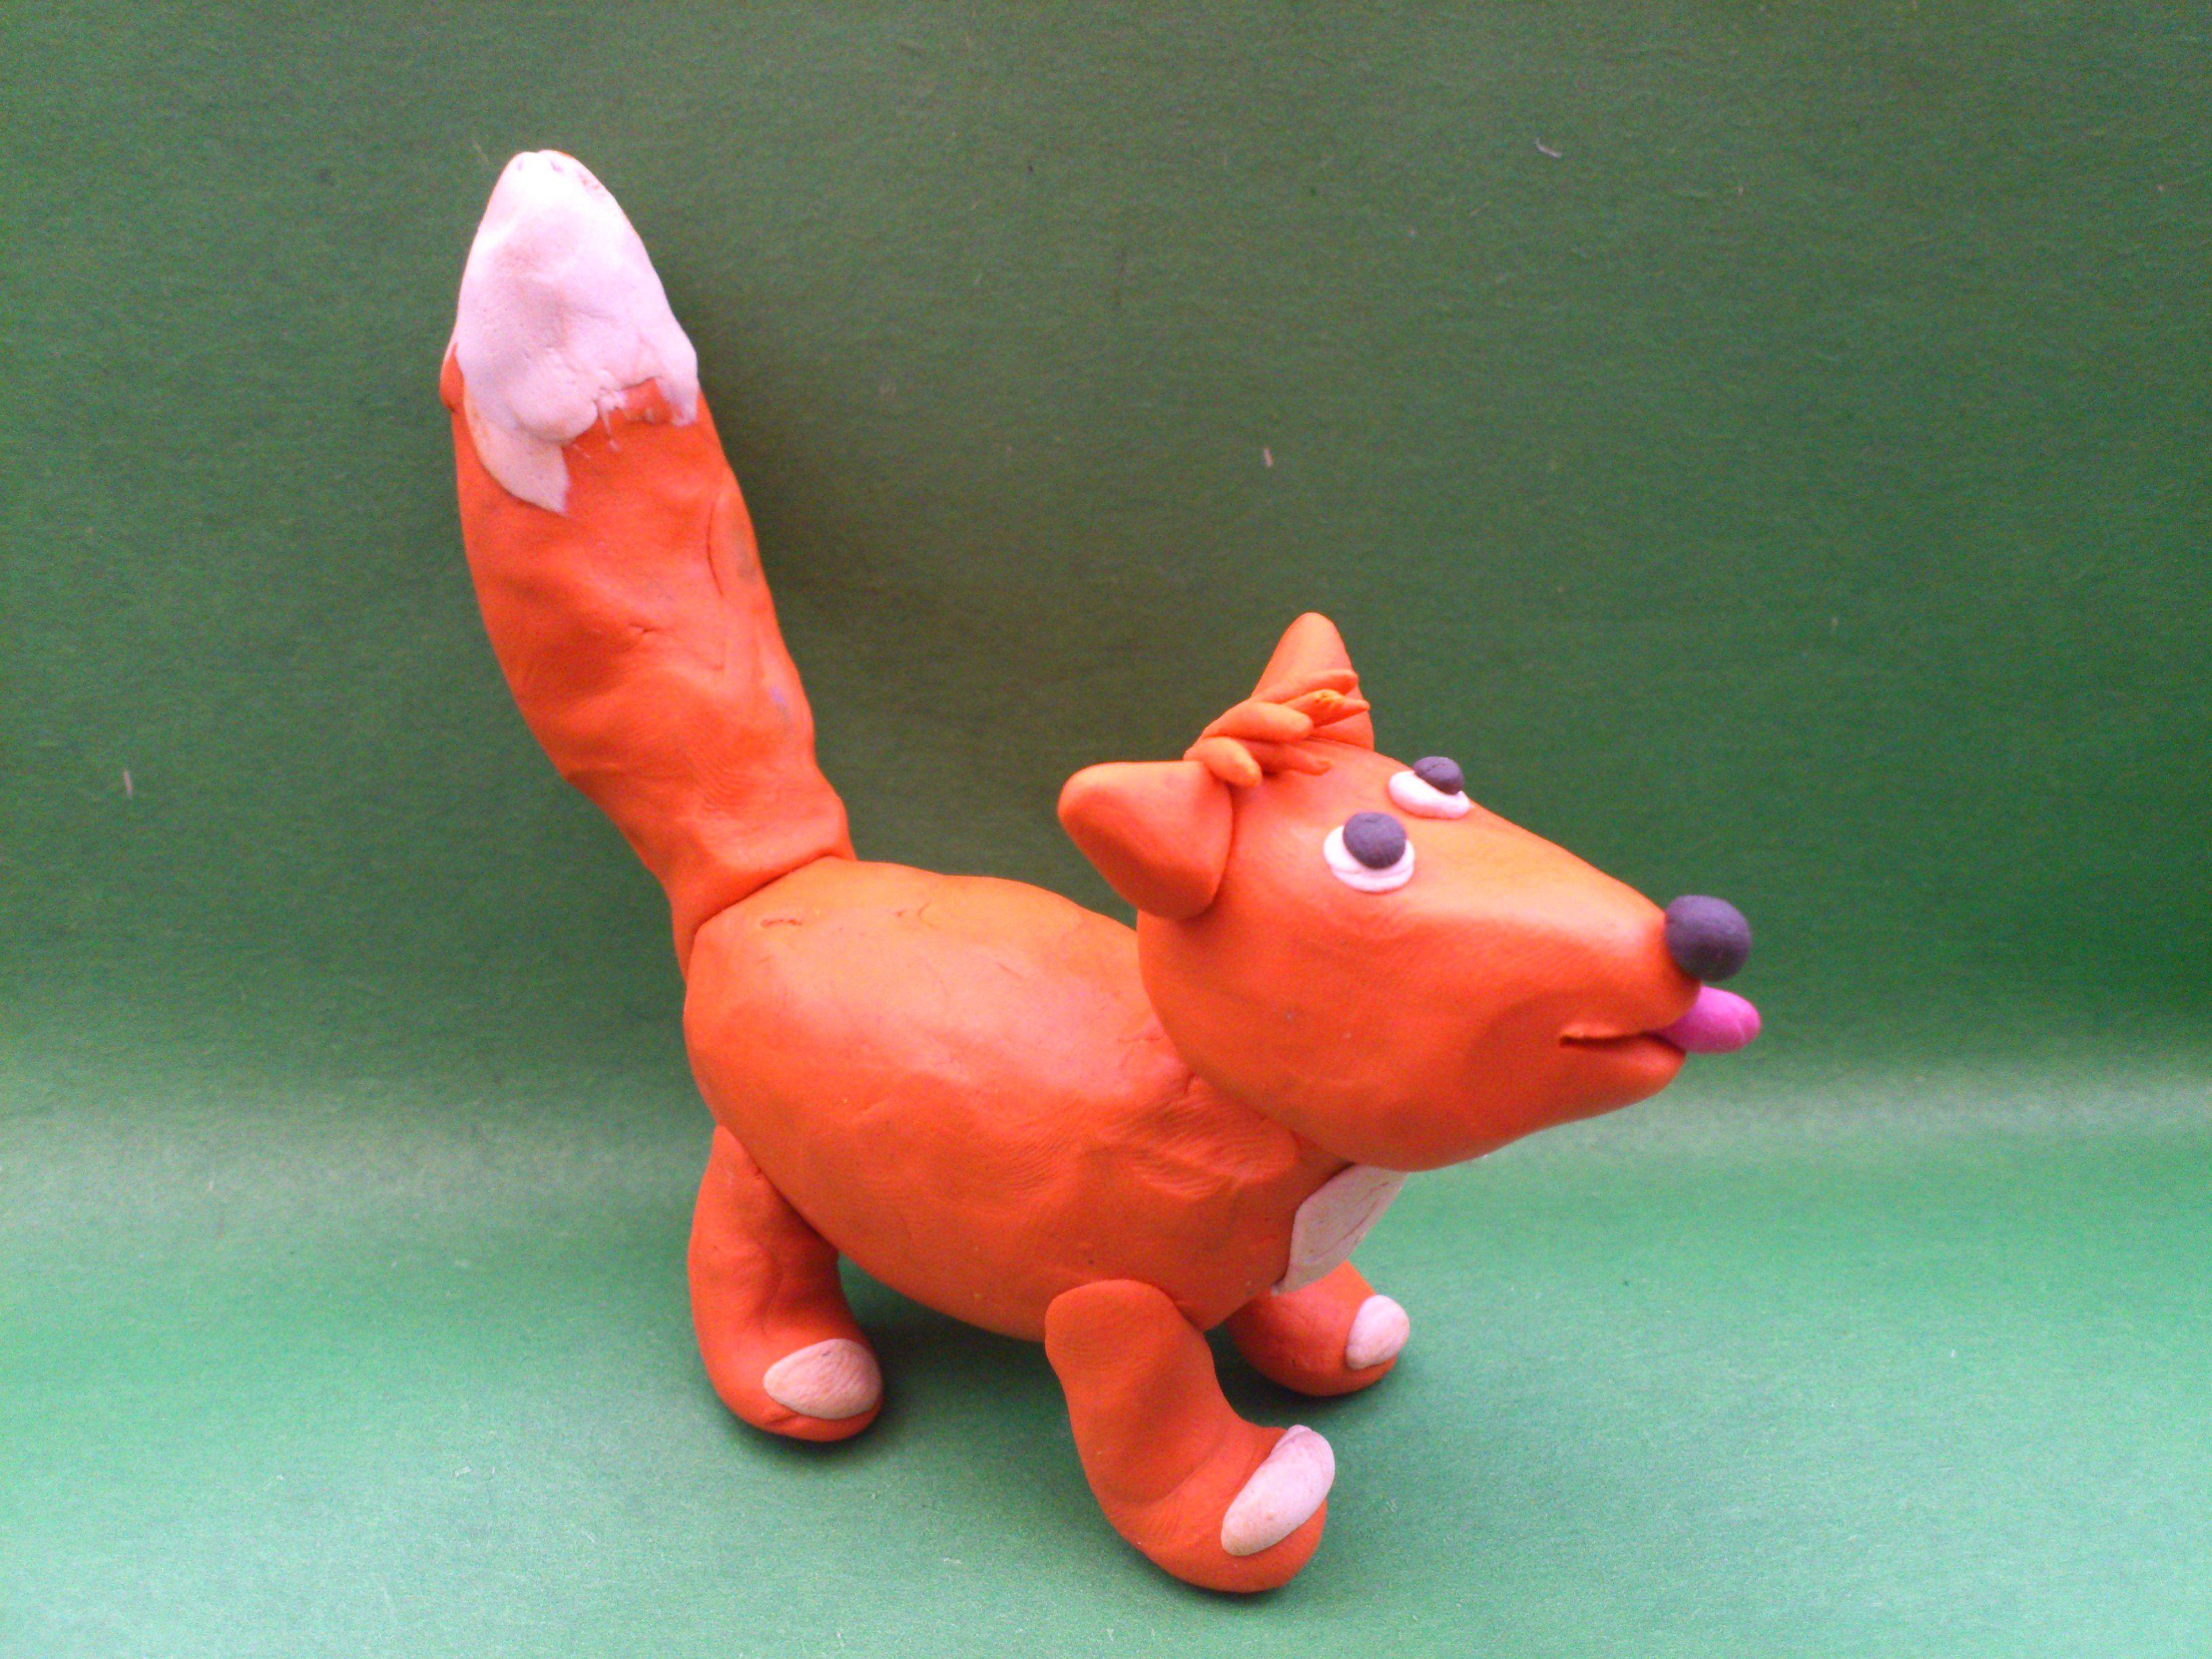 картинки пластилиновых животных представленные картинки понравились